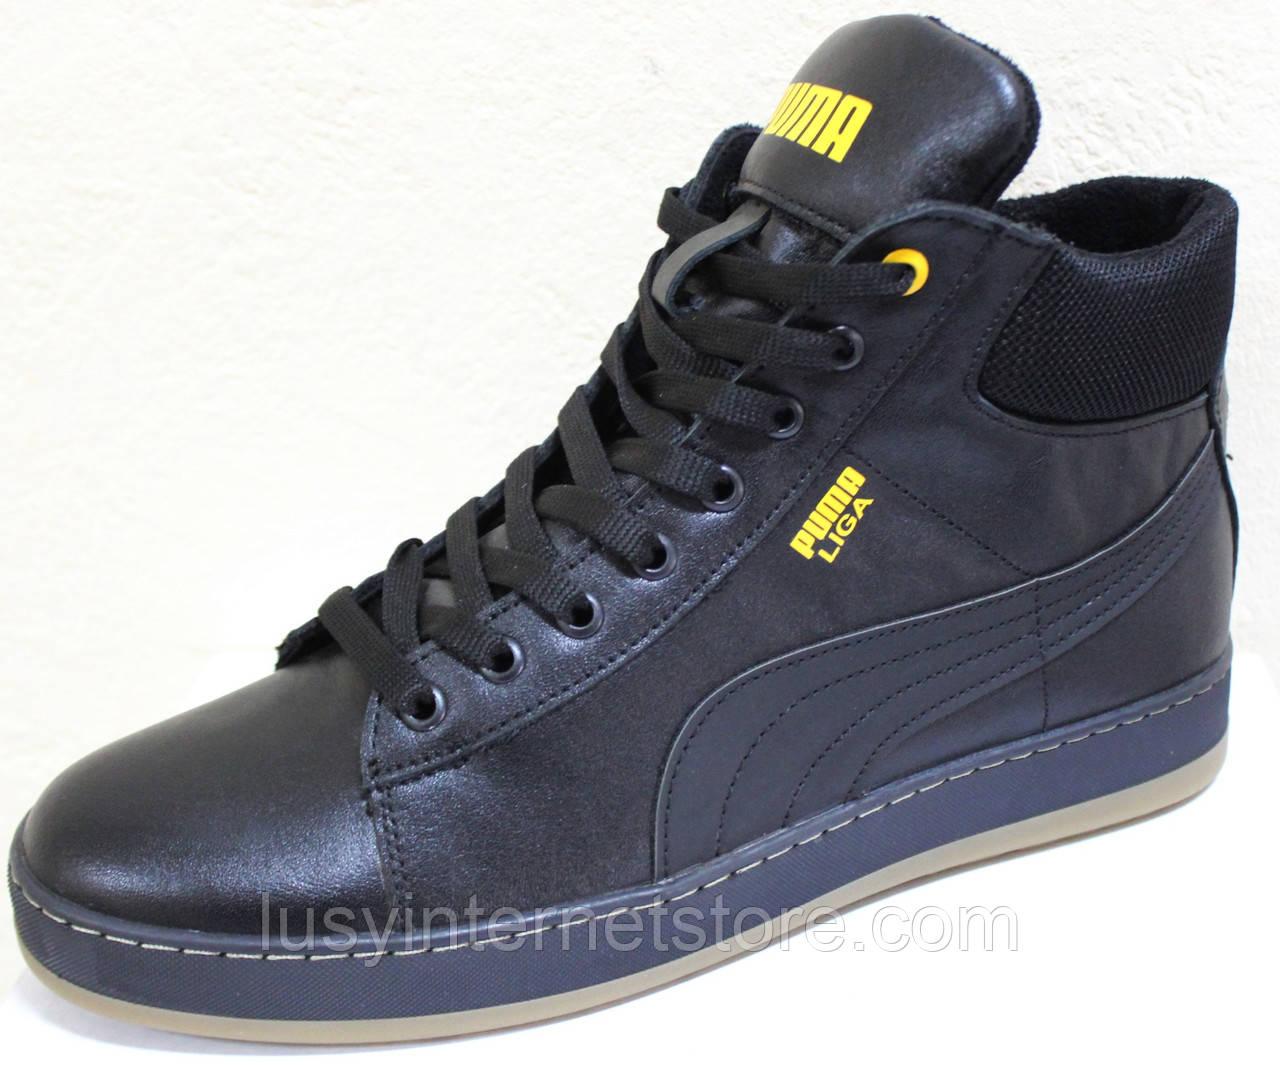 Ботинки осенние на байке мужские кожаные от производителя модель ВК002